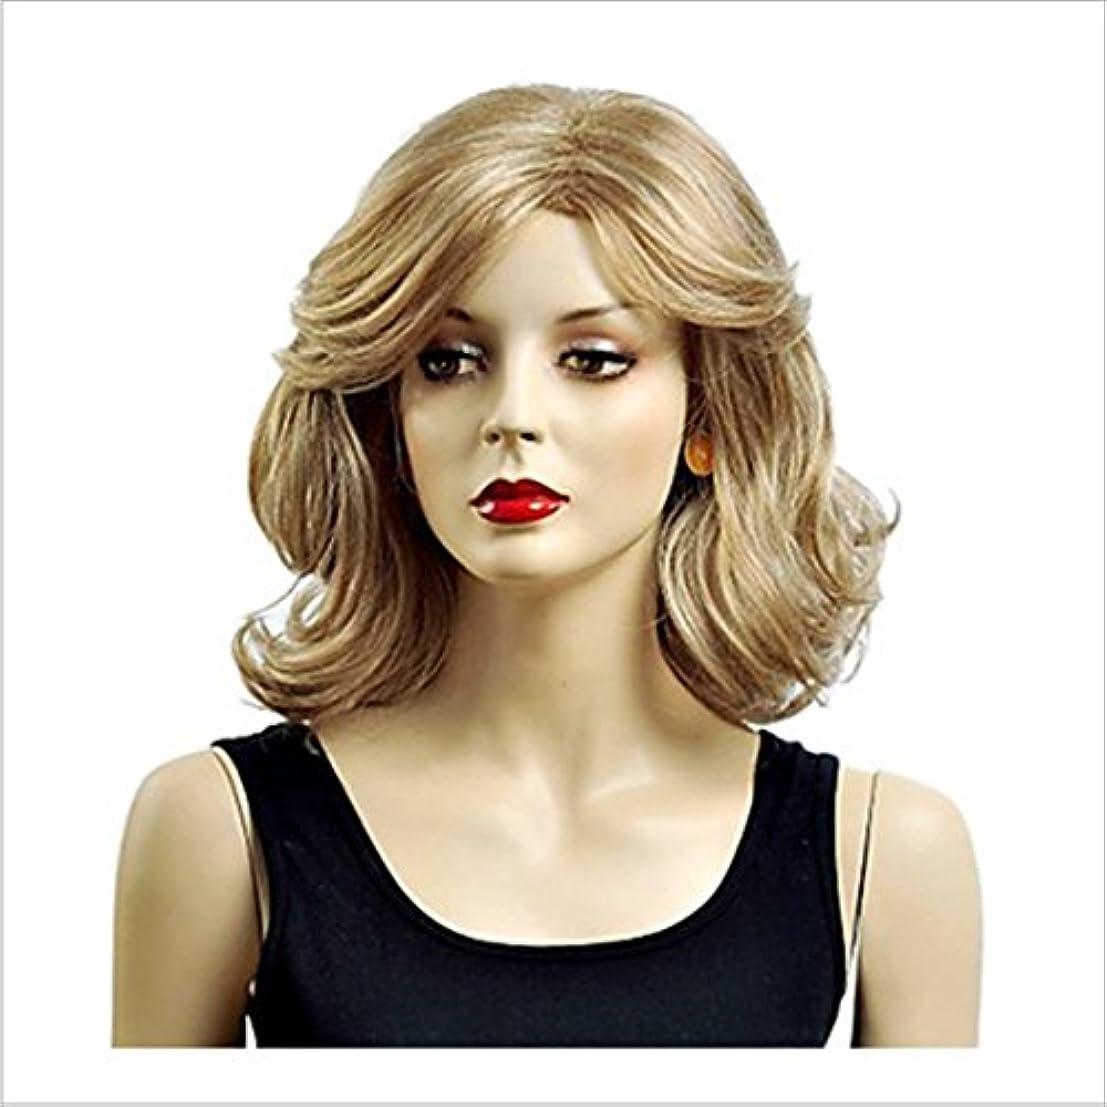 プログラムピグマリオン連結するYOUQIU スプリット前髪16で耐性ホワイトゴールドの女性のカーリーウィッグショートふわふわ波状人工毛自然なカーリーウィッグデイリーウィッグ耐熱ウィッグのために「」180グラム(ゴールド)ウィッグ (色 : ゴールド)